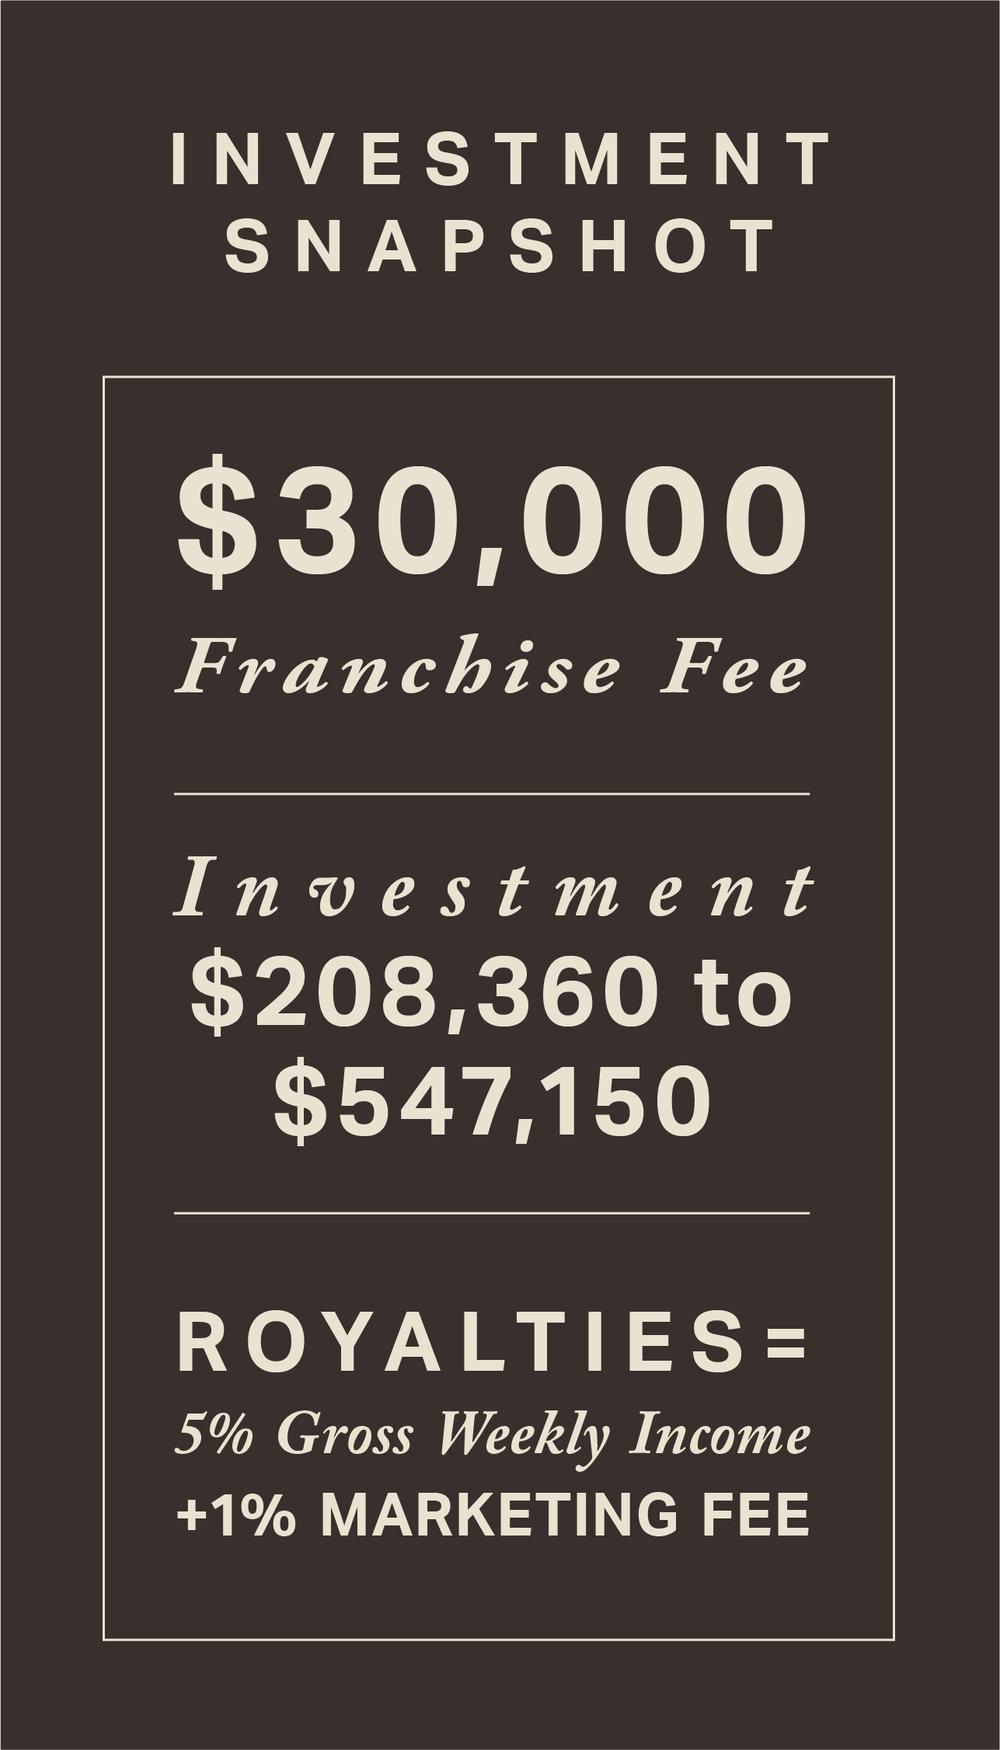 Mora-FranchiseSite-InvestmentUpdate-R1.jpg